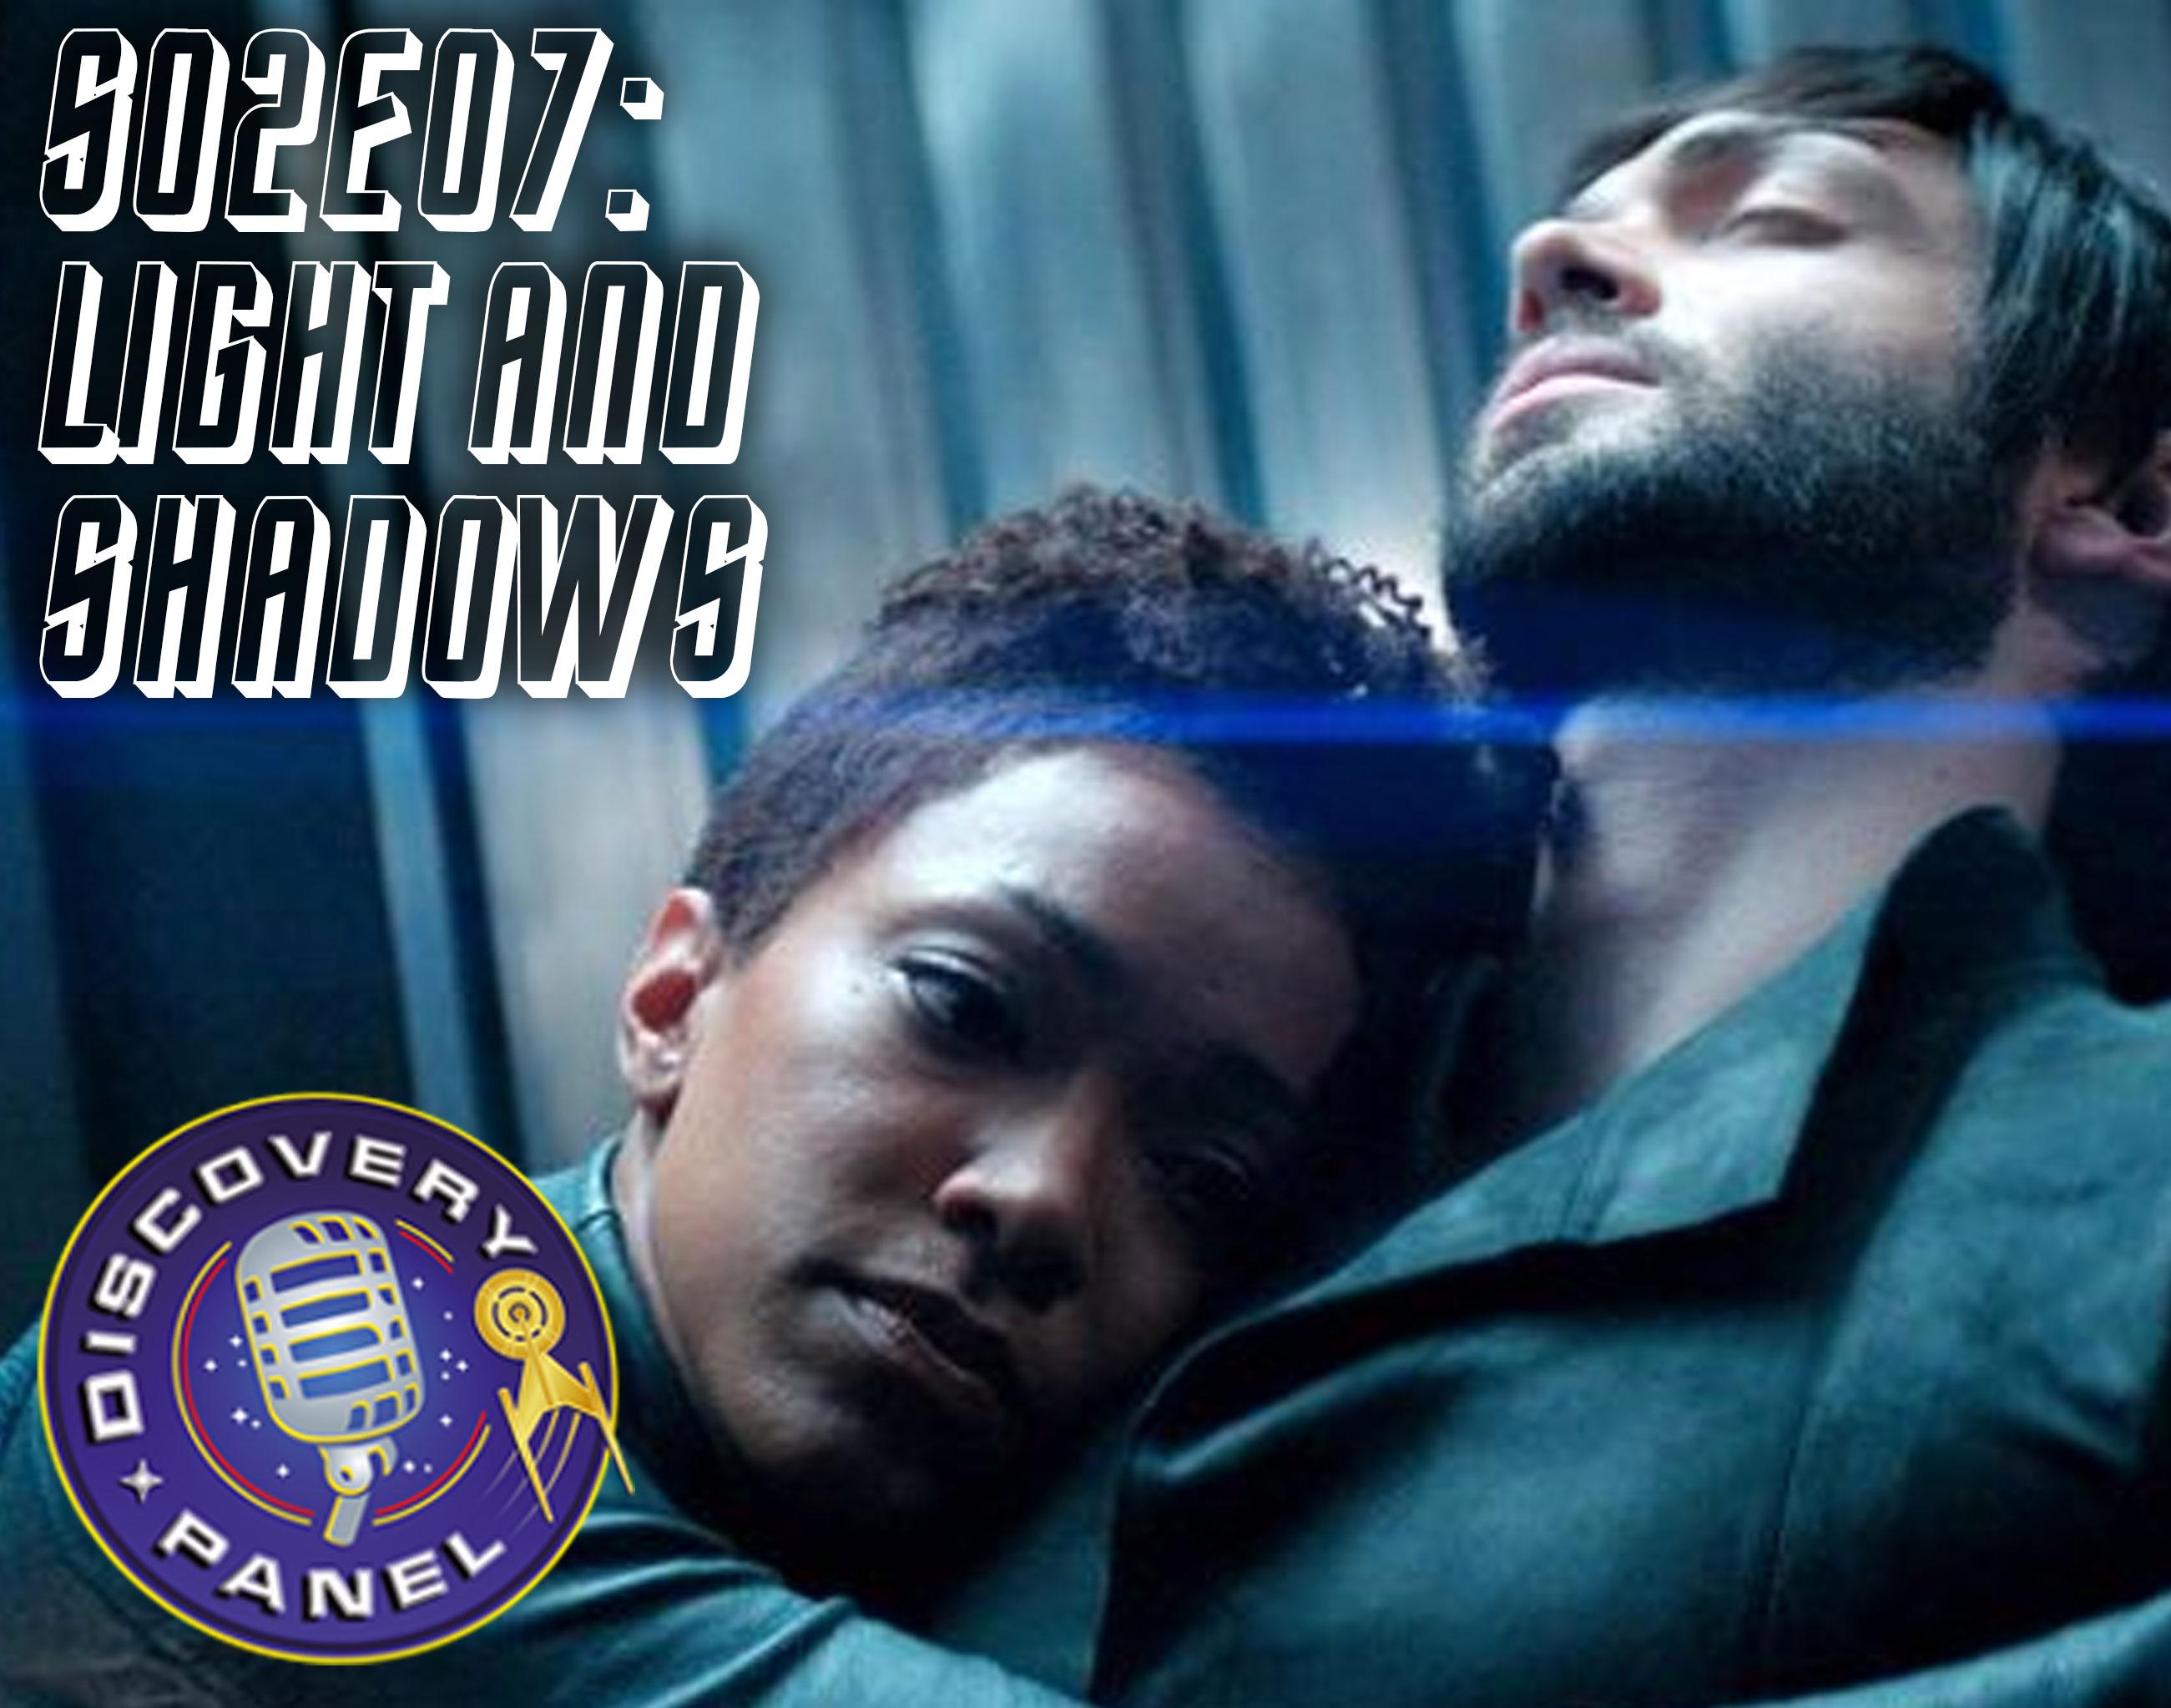 S02E07: Light and Shadows